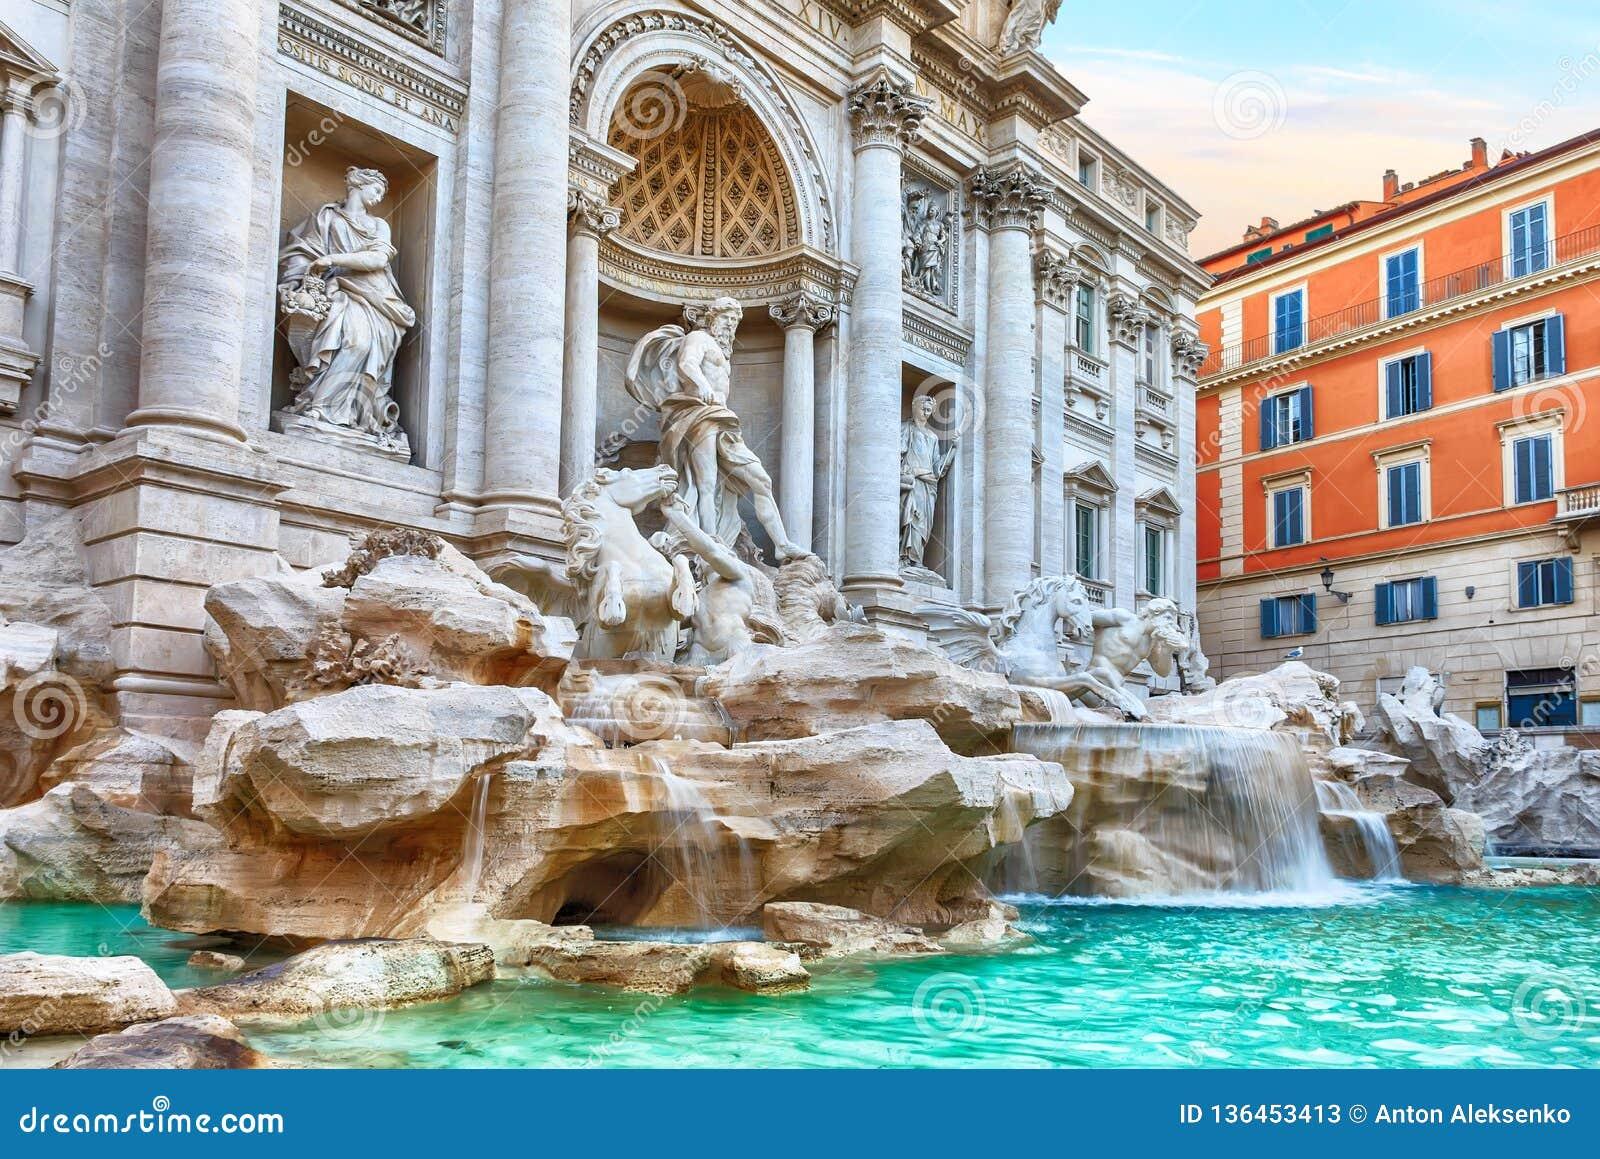 Trevi fontanna w Rzym, sławny włoski widok